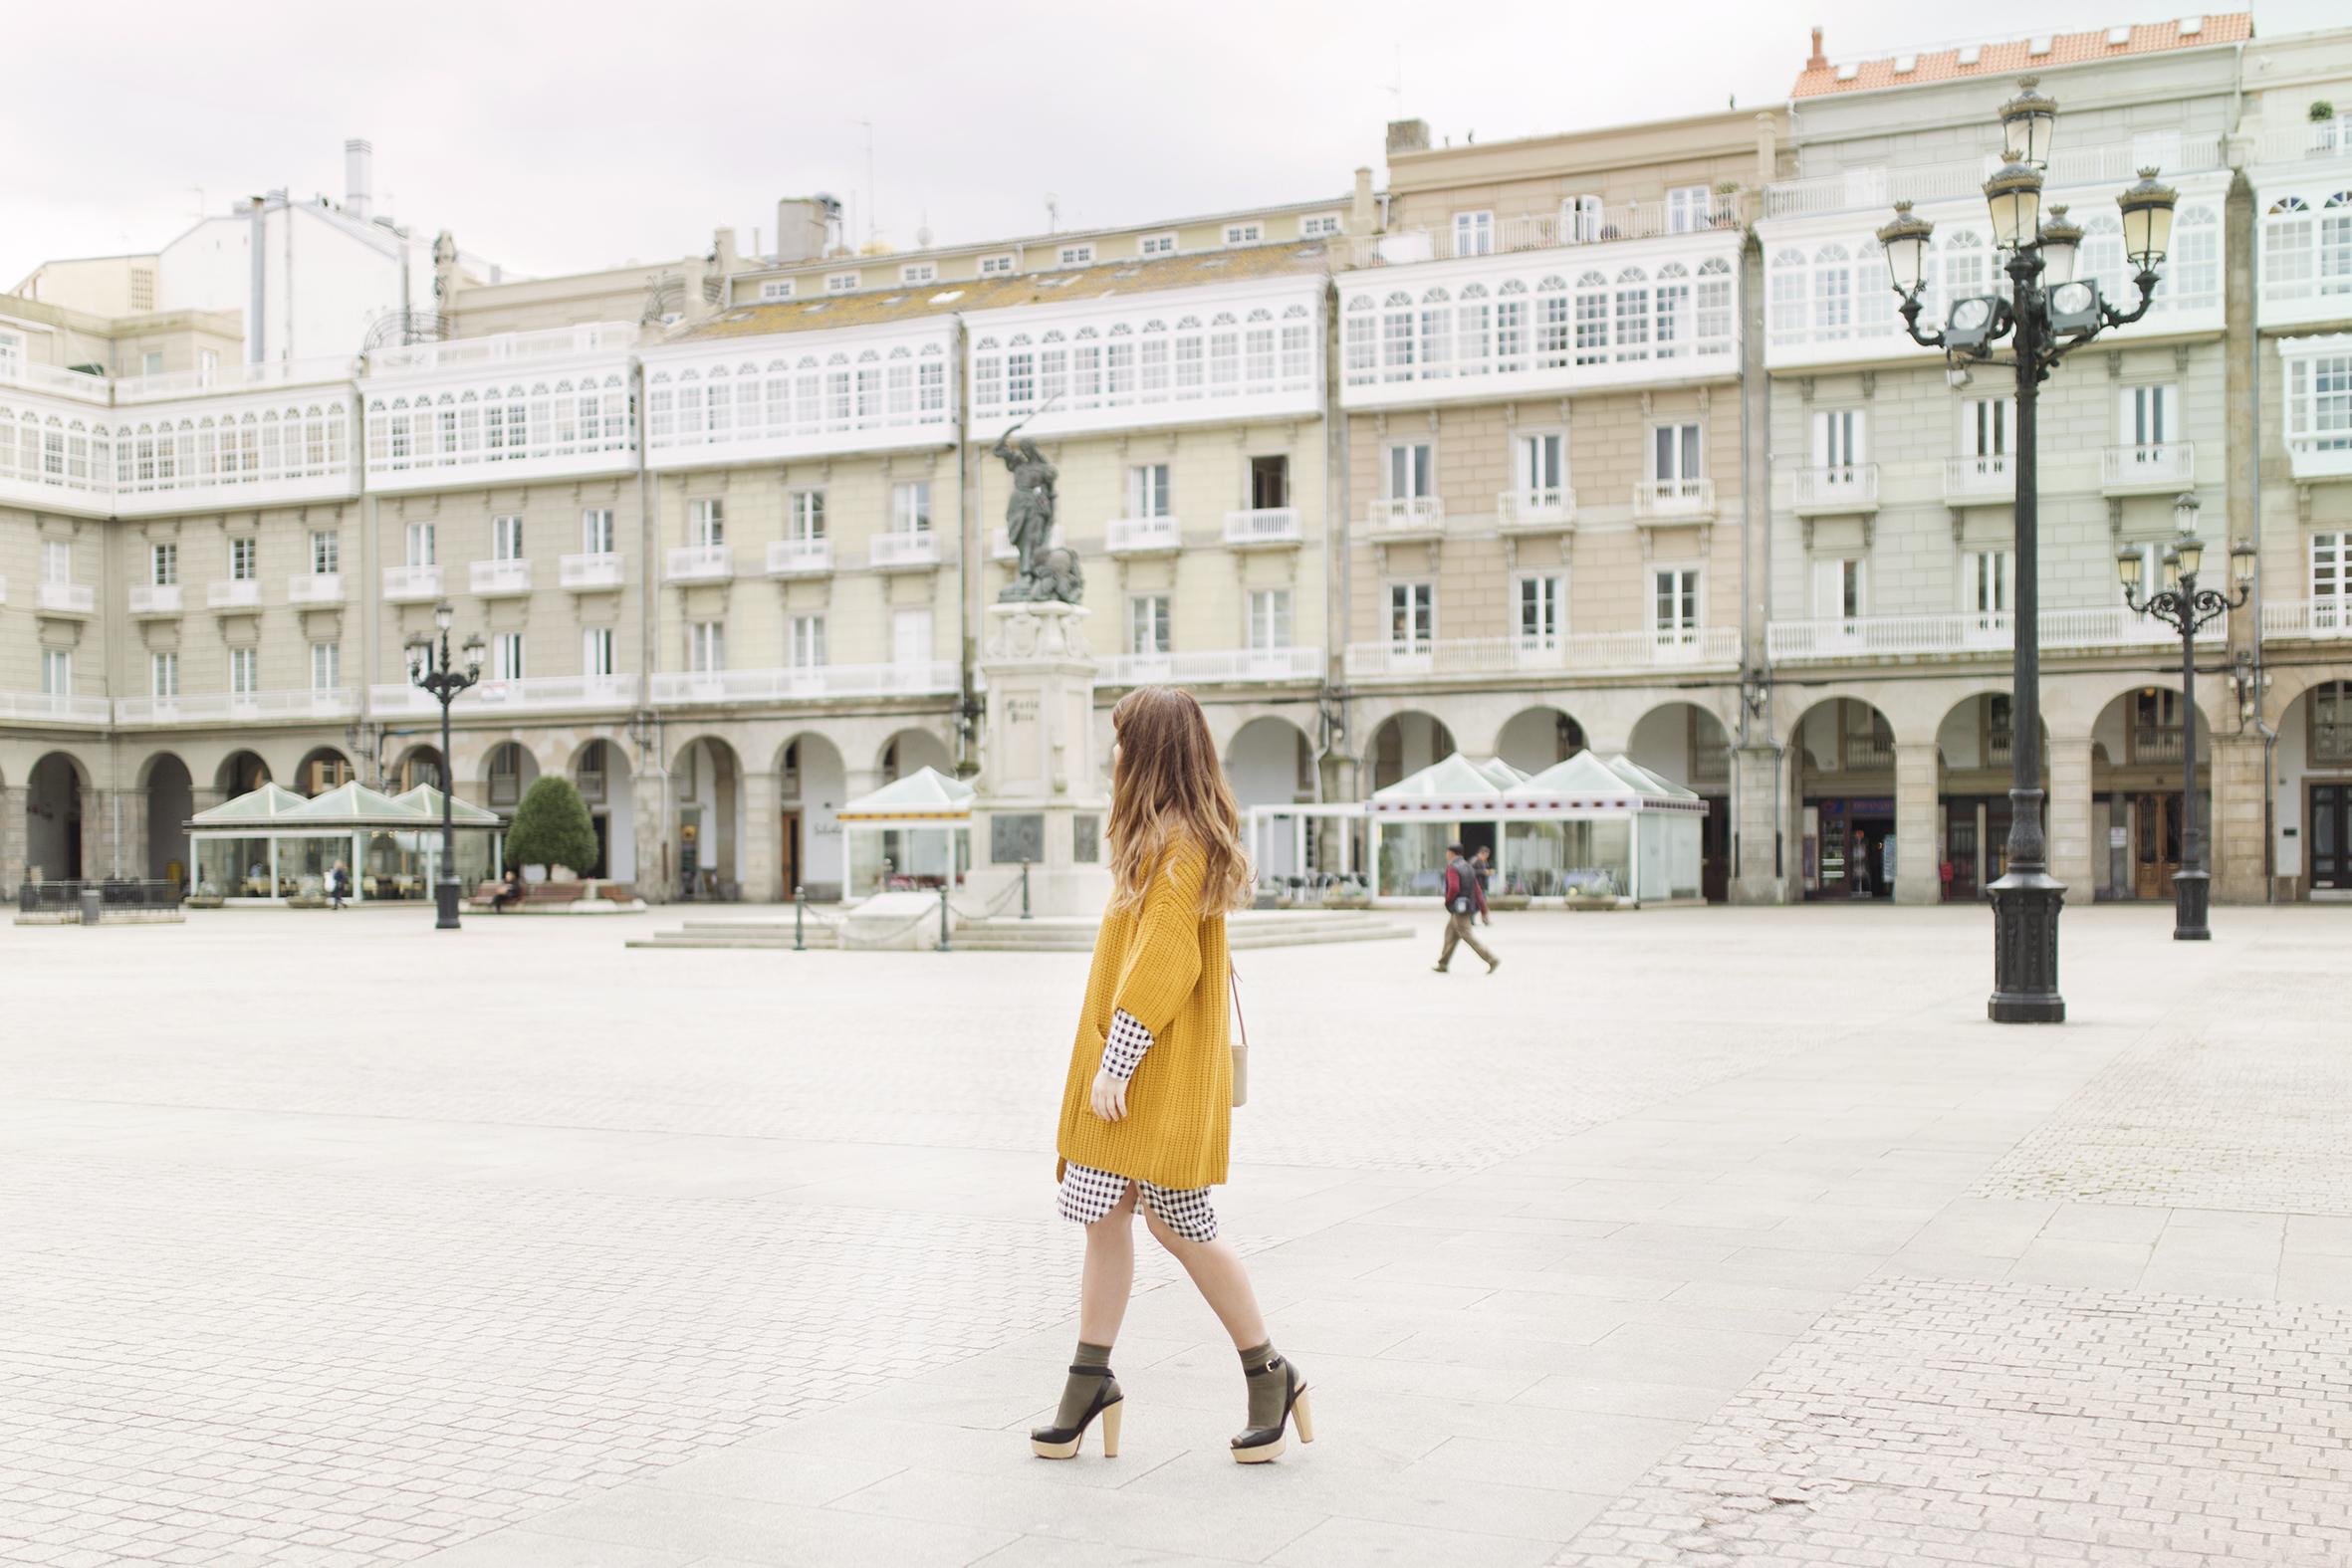 fashion-coruña- streetstyle- blogger -descalzaporelparque-dress shirt- cuadros- mostaza-Mango- vestido camisero- cuadros- lifestyle